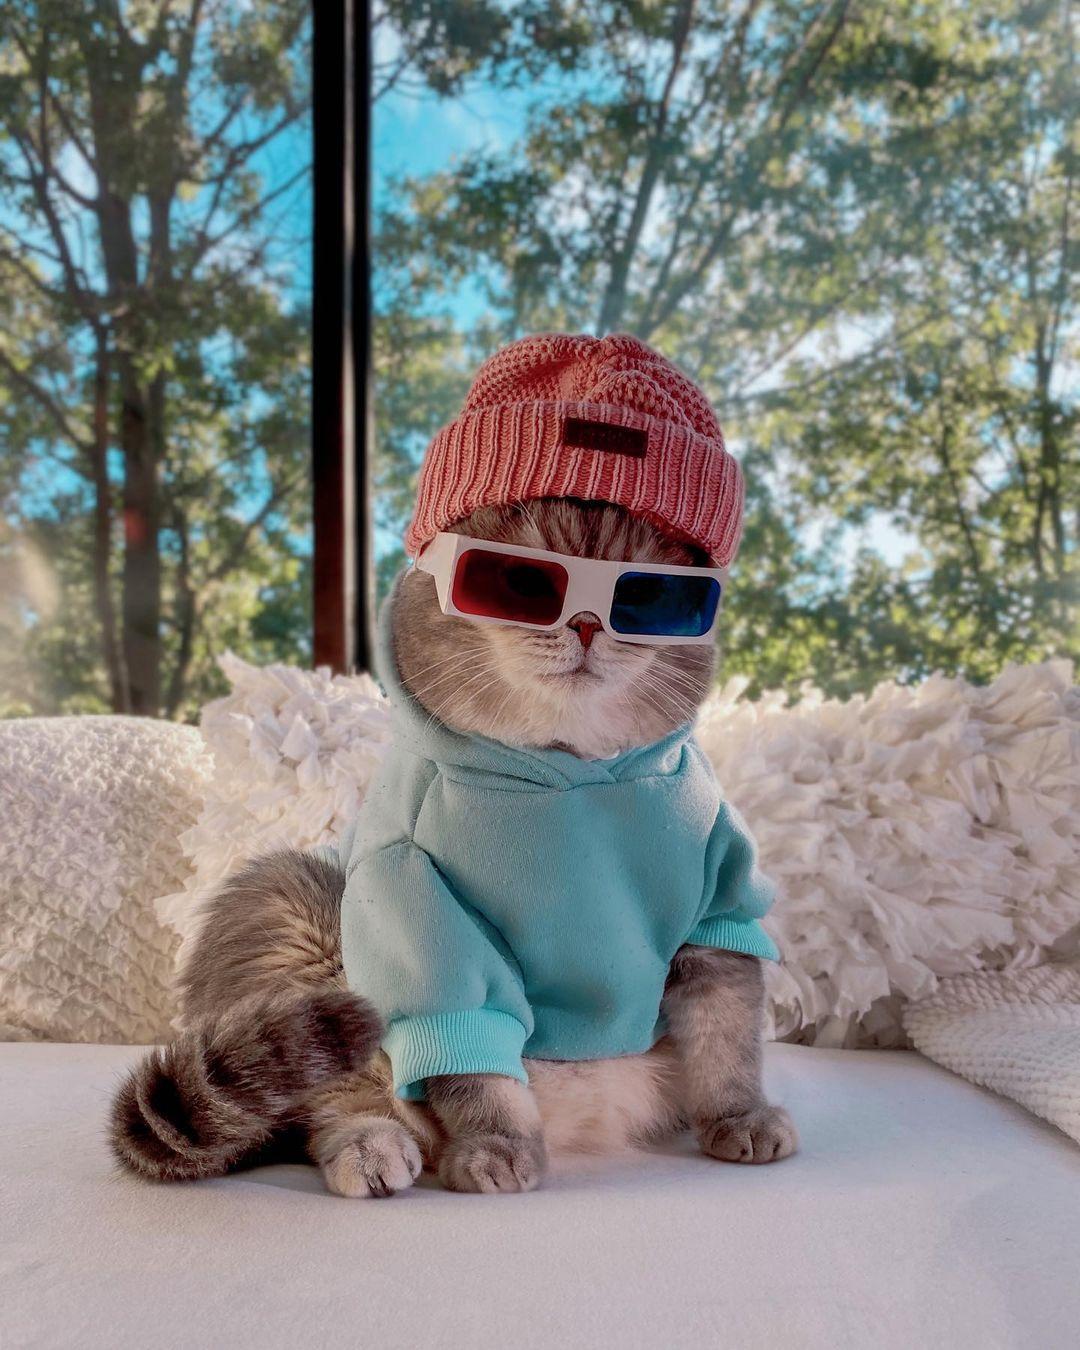 Hoodie xanh kết hợp cùng mũ len hồng và kính hai màu, Benson có ngay một outfit hoàn hảo đi du xuân.